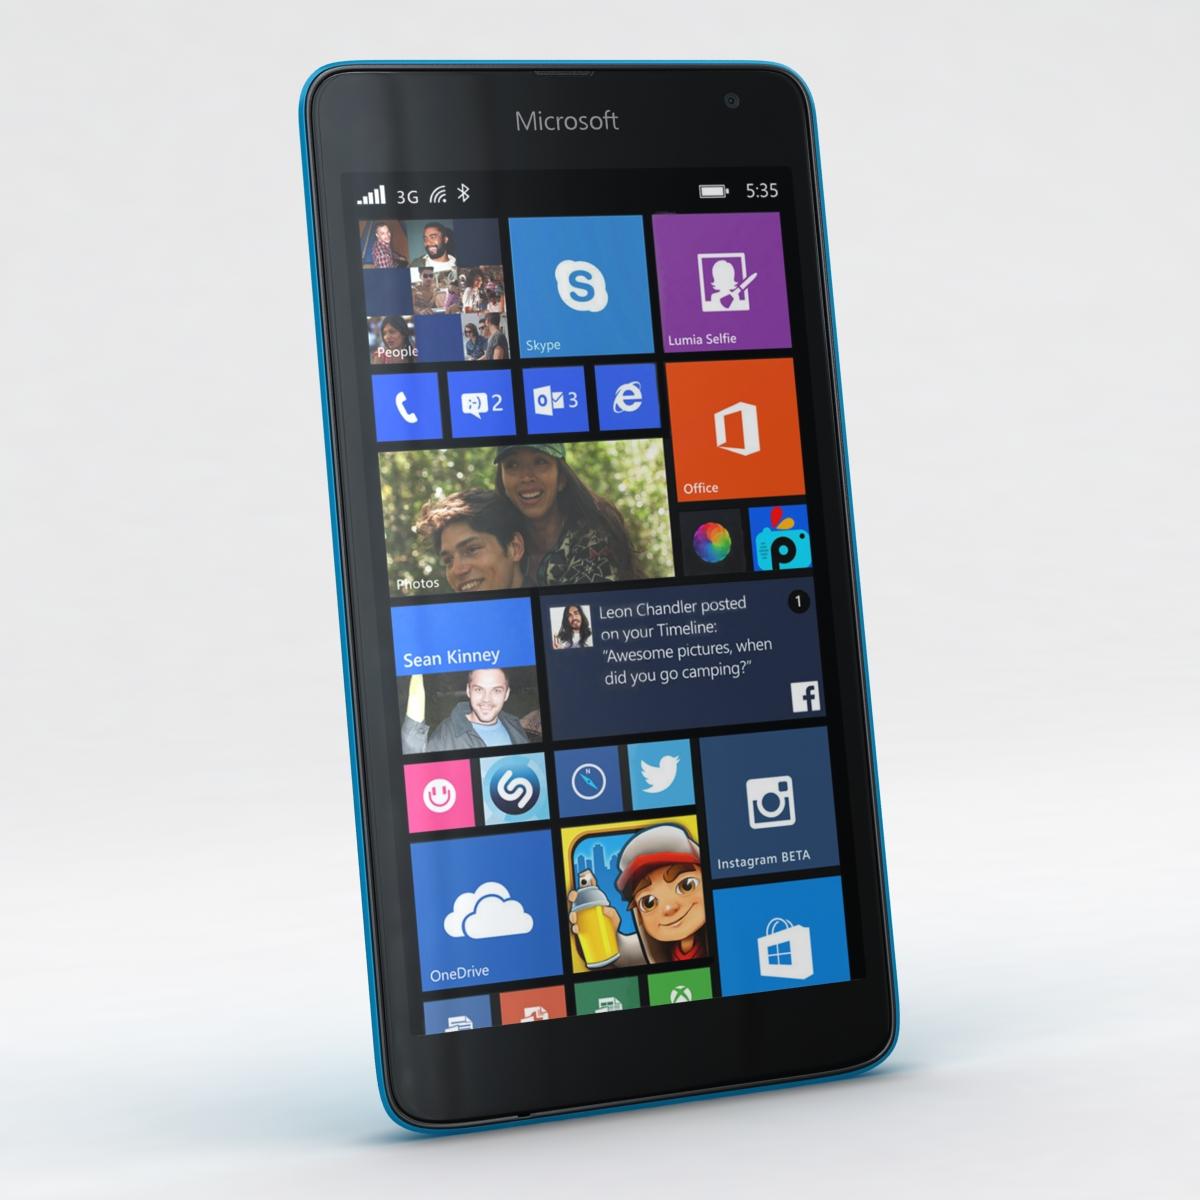 microsoft lumia 535 and dual sim all colors 3d model 3ds max fbx c4d obj 204694